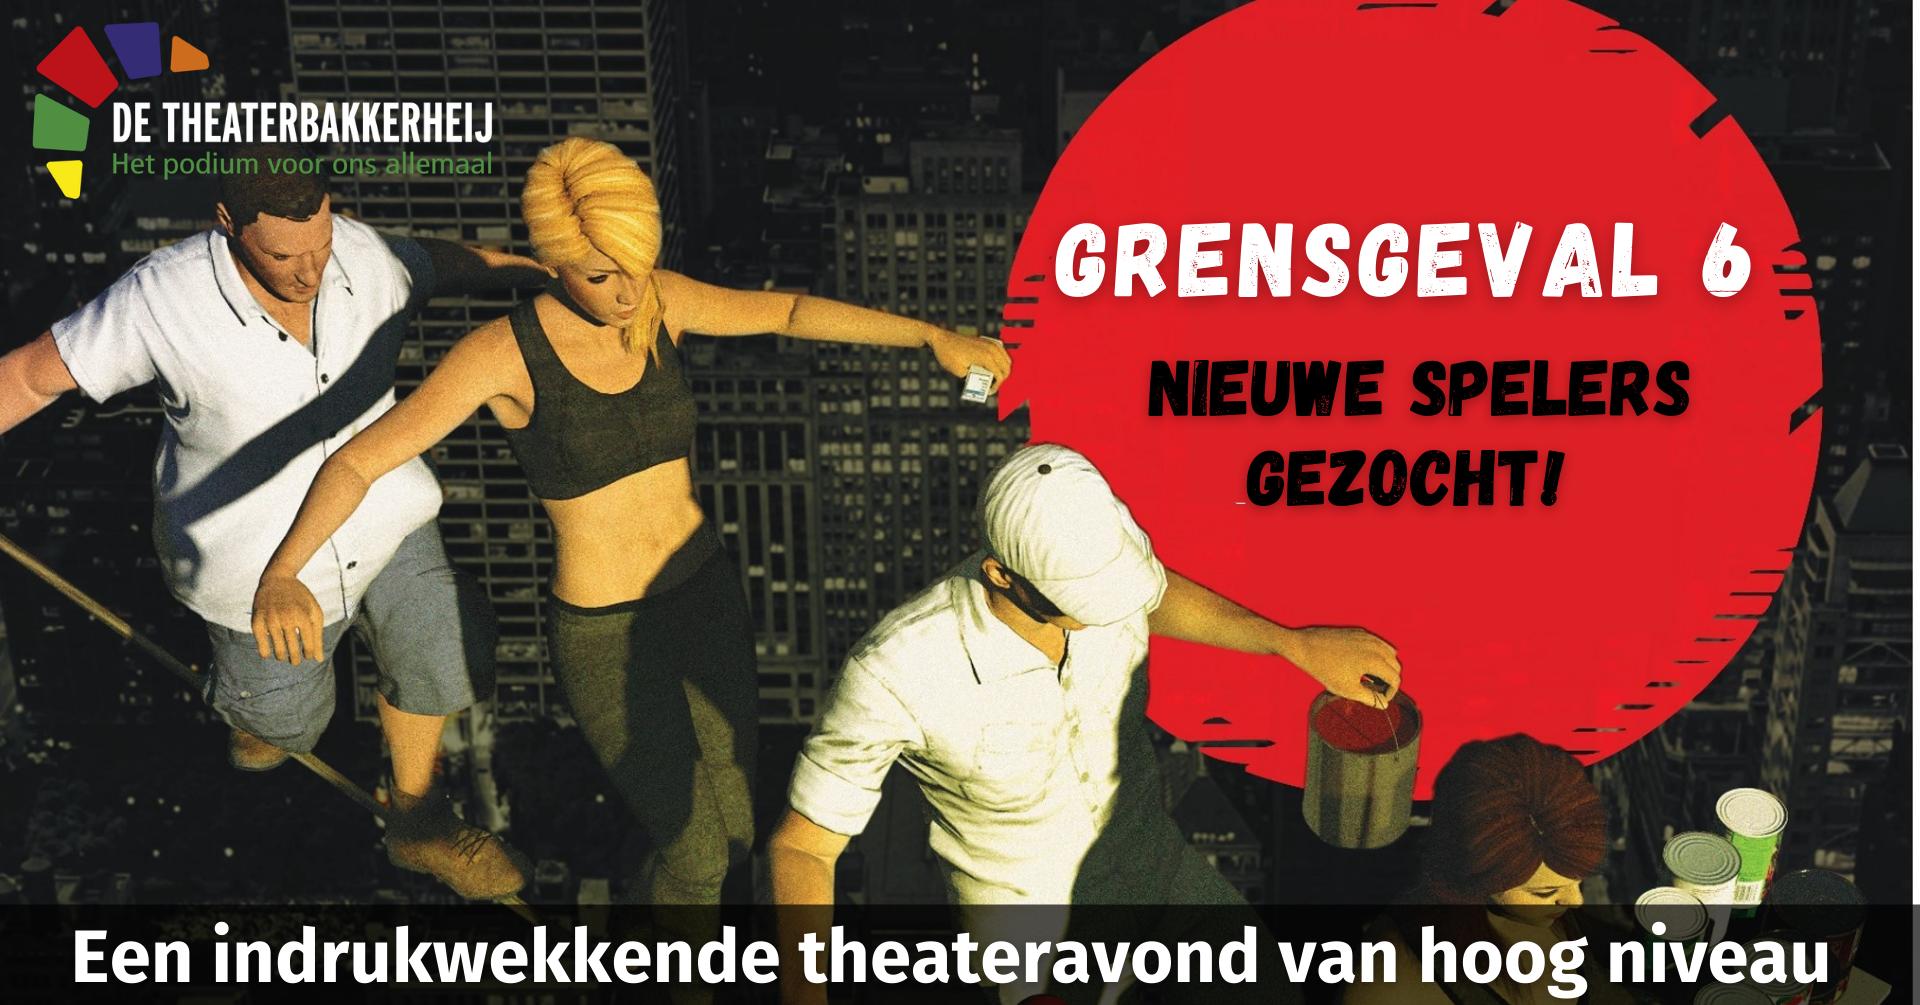 Audities Grensgeval Theaterbakkerheij